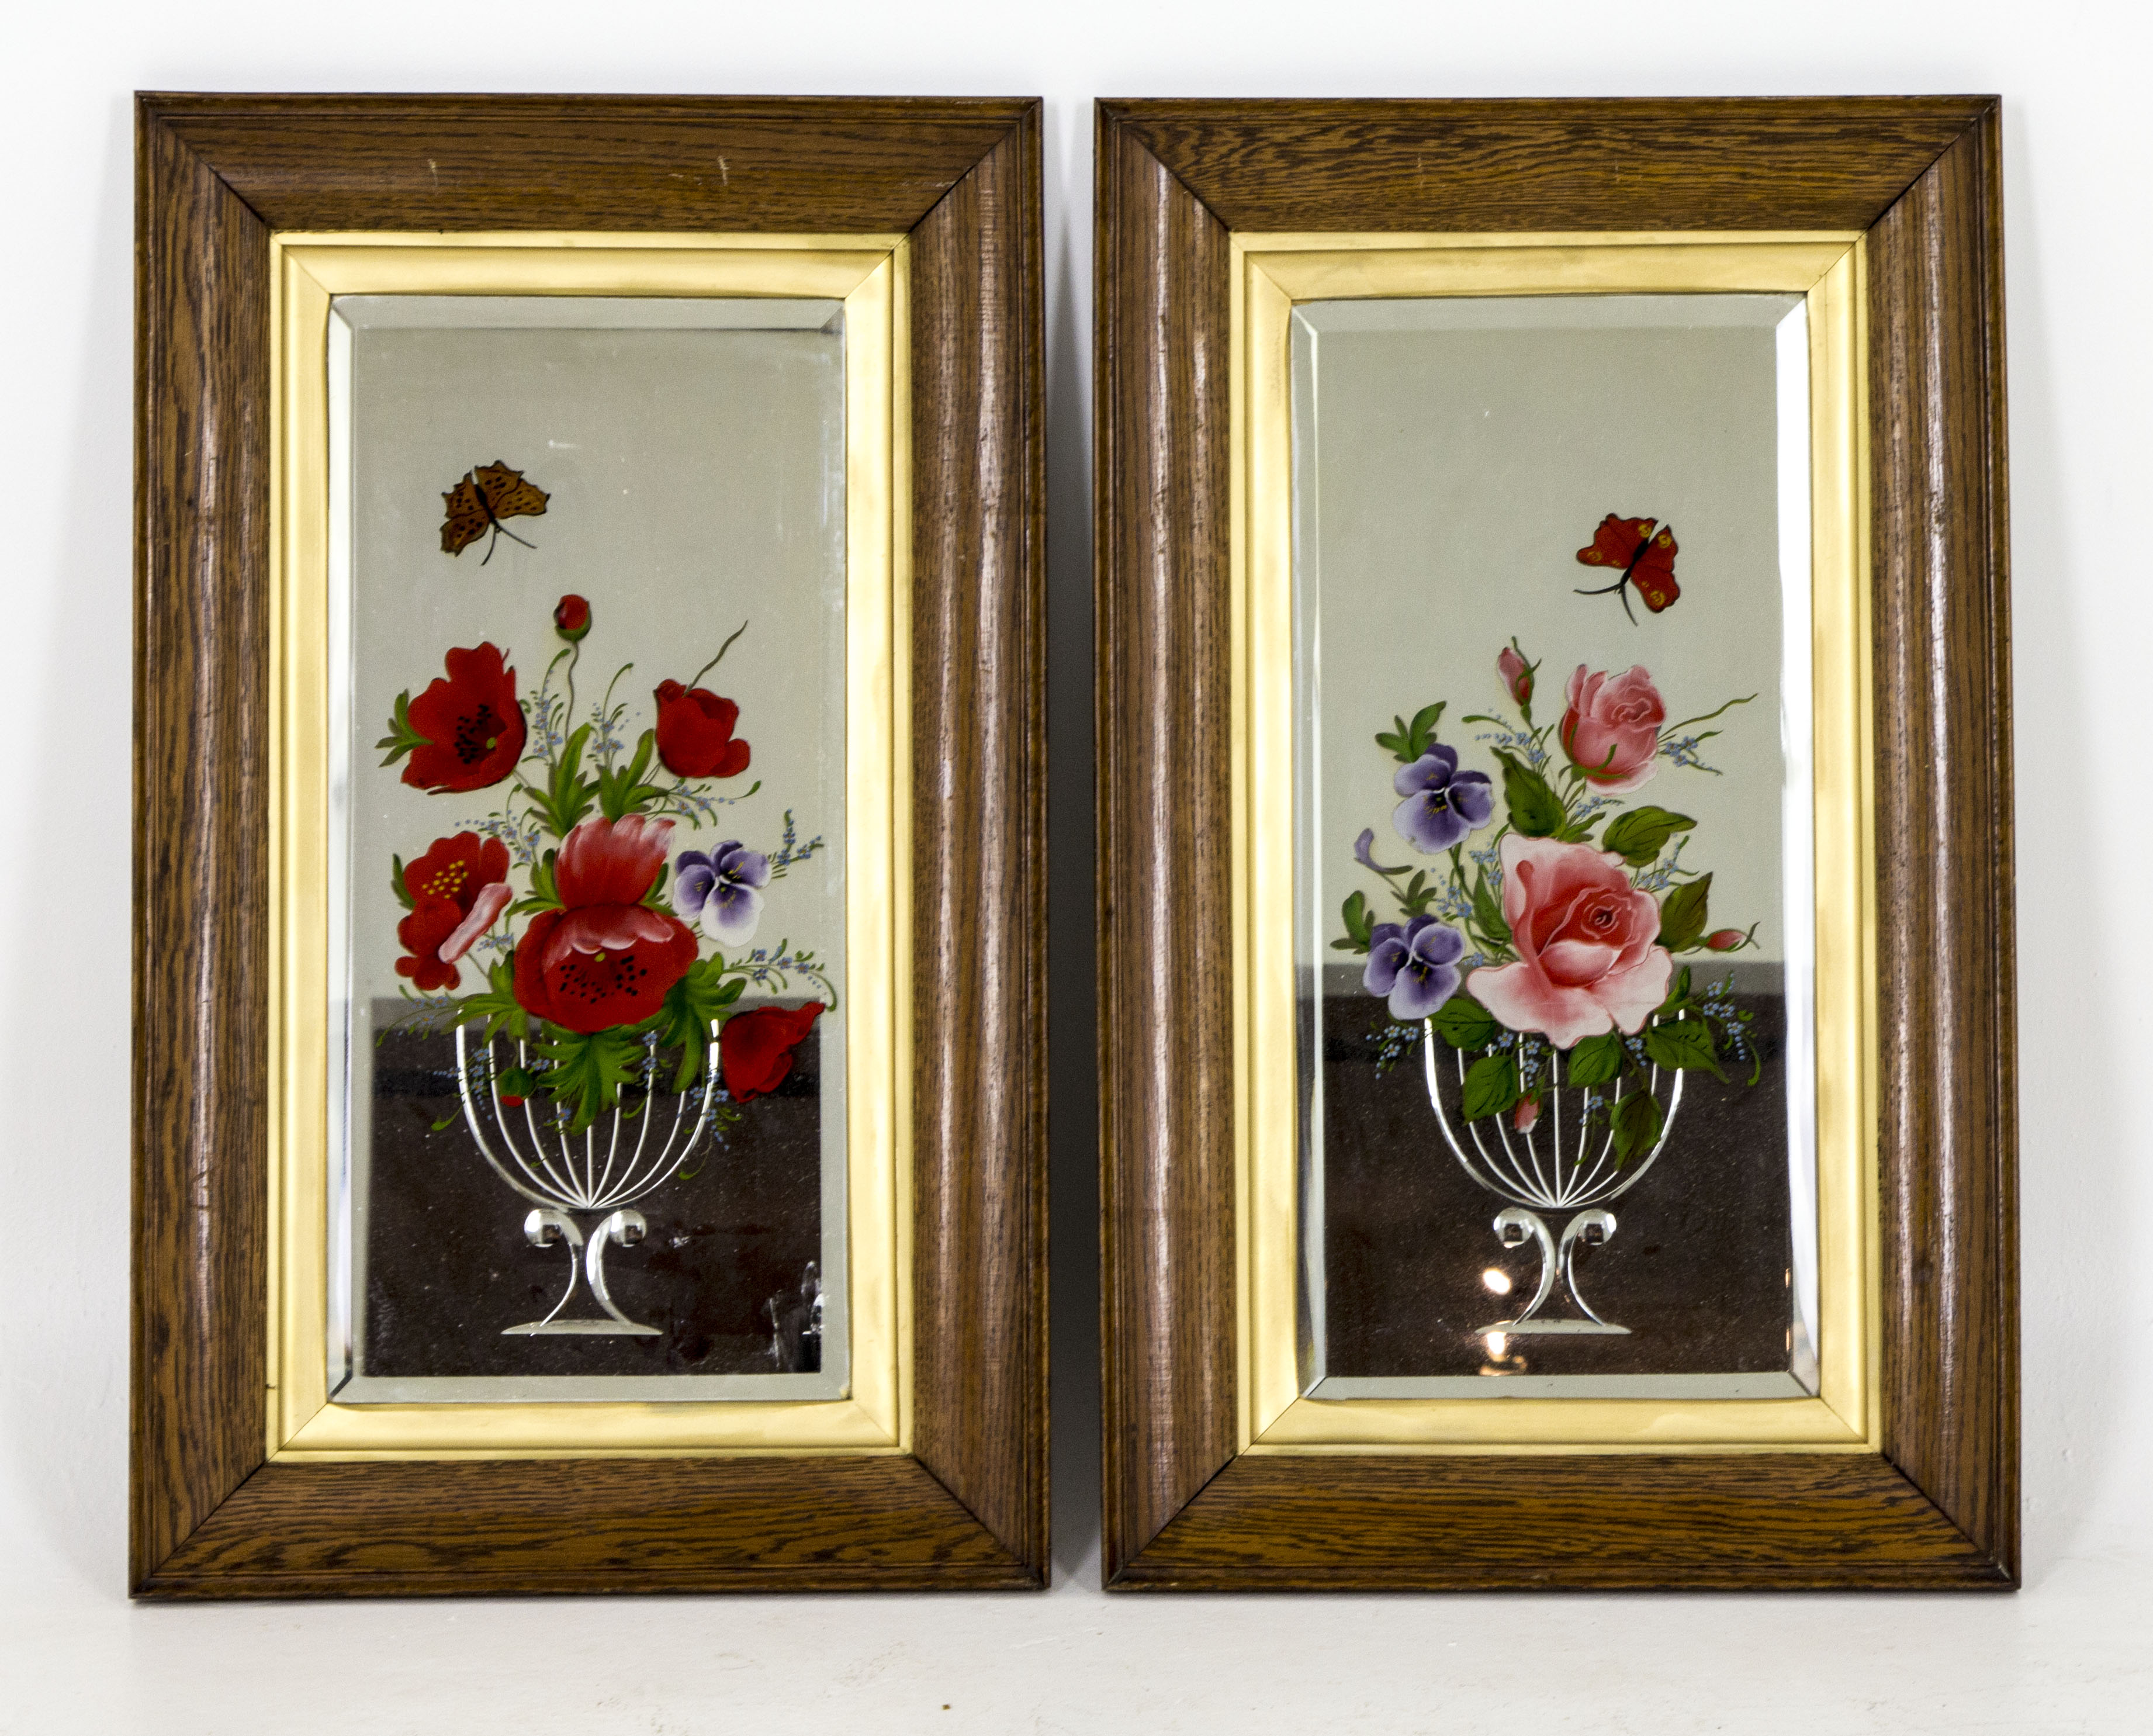 B365 Antique Scottish Framed Oak Bevelled Mirrors Acid